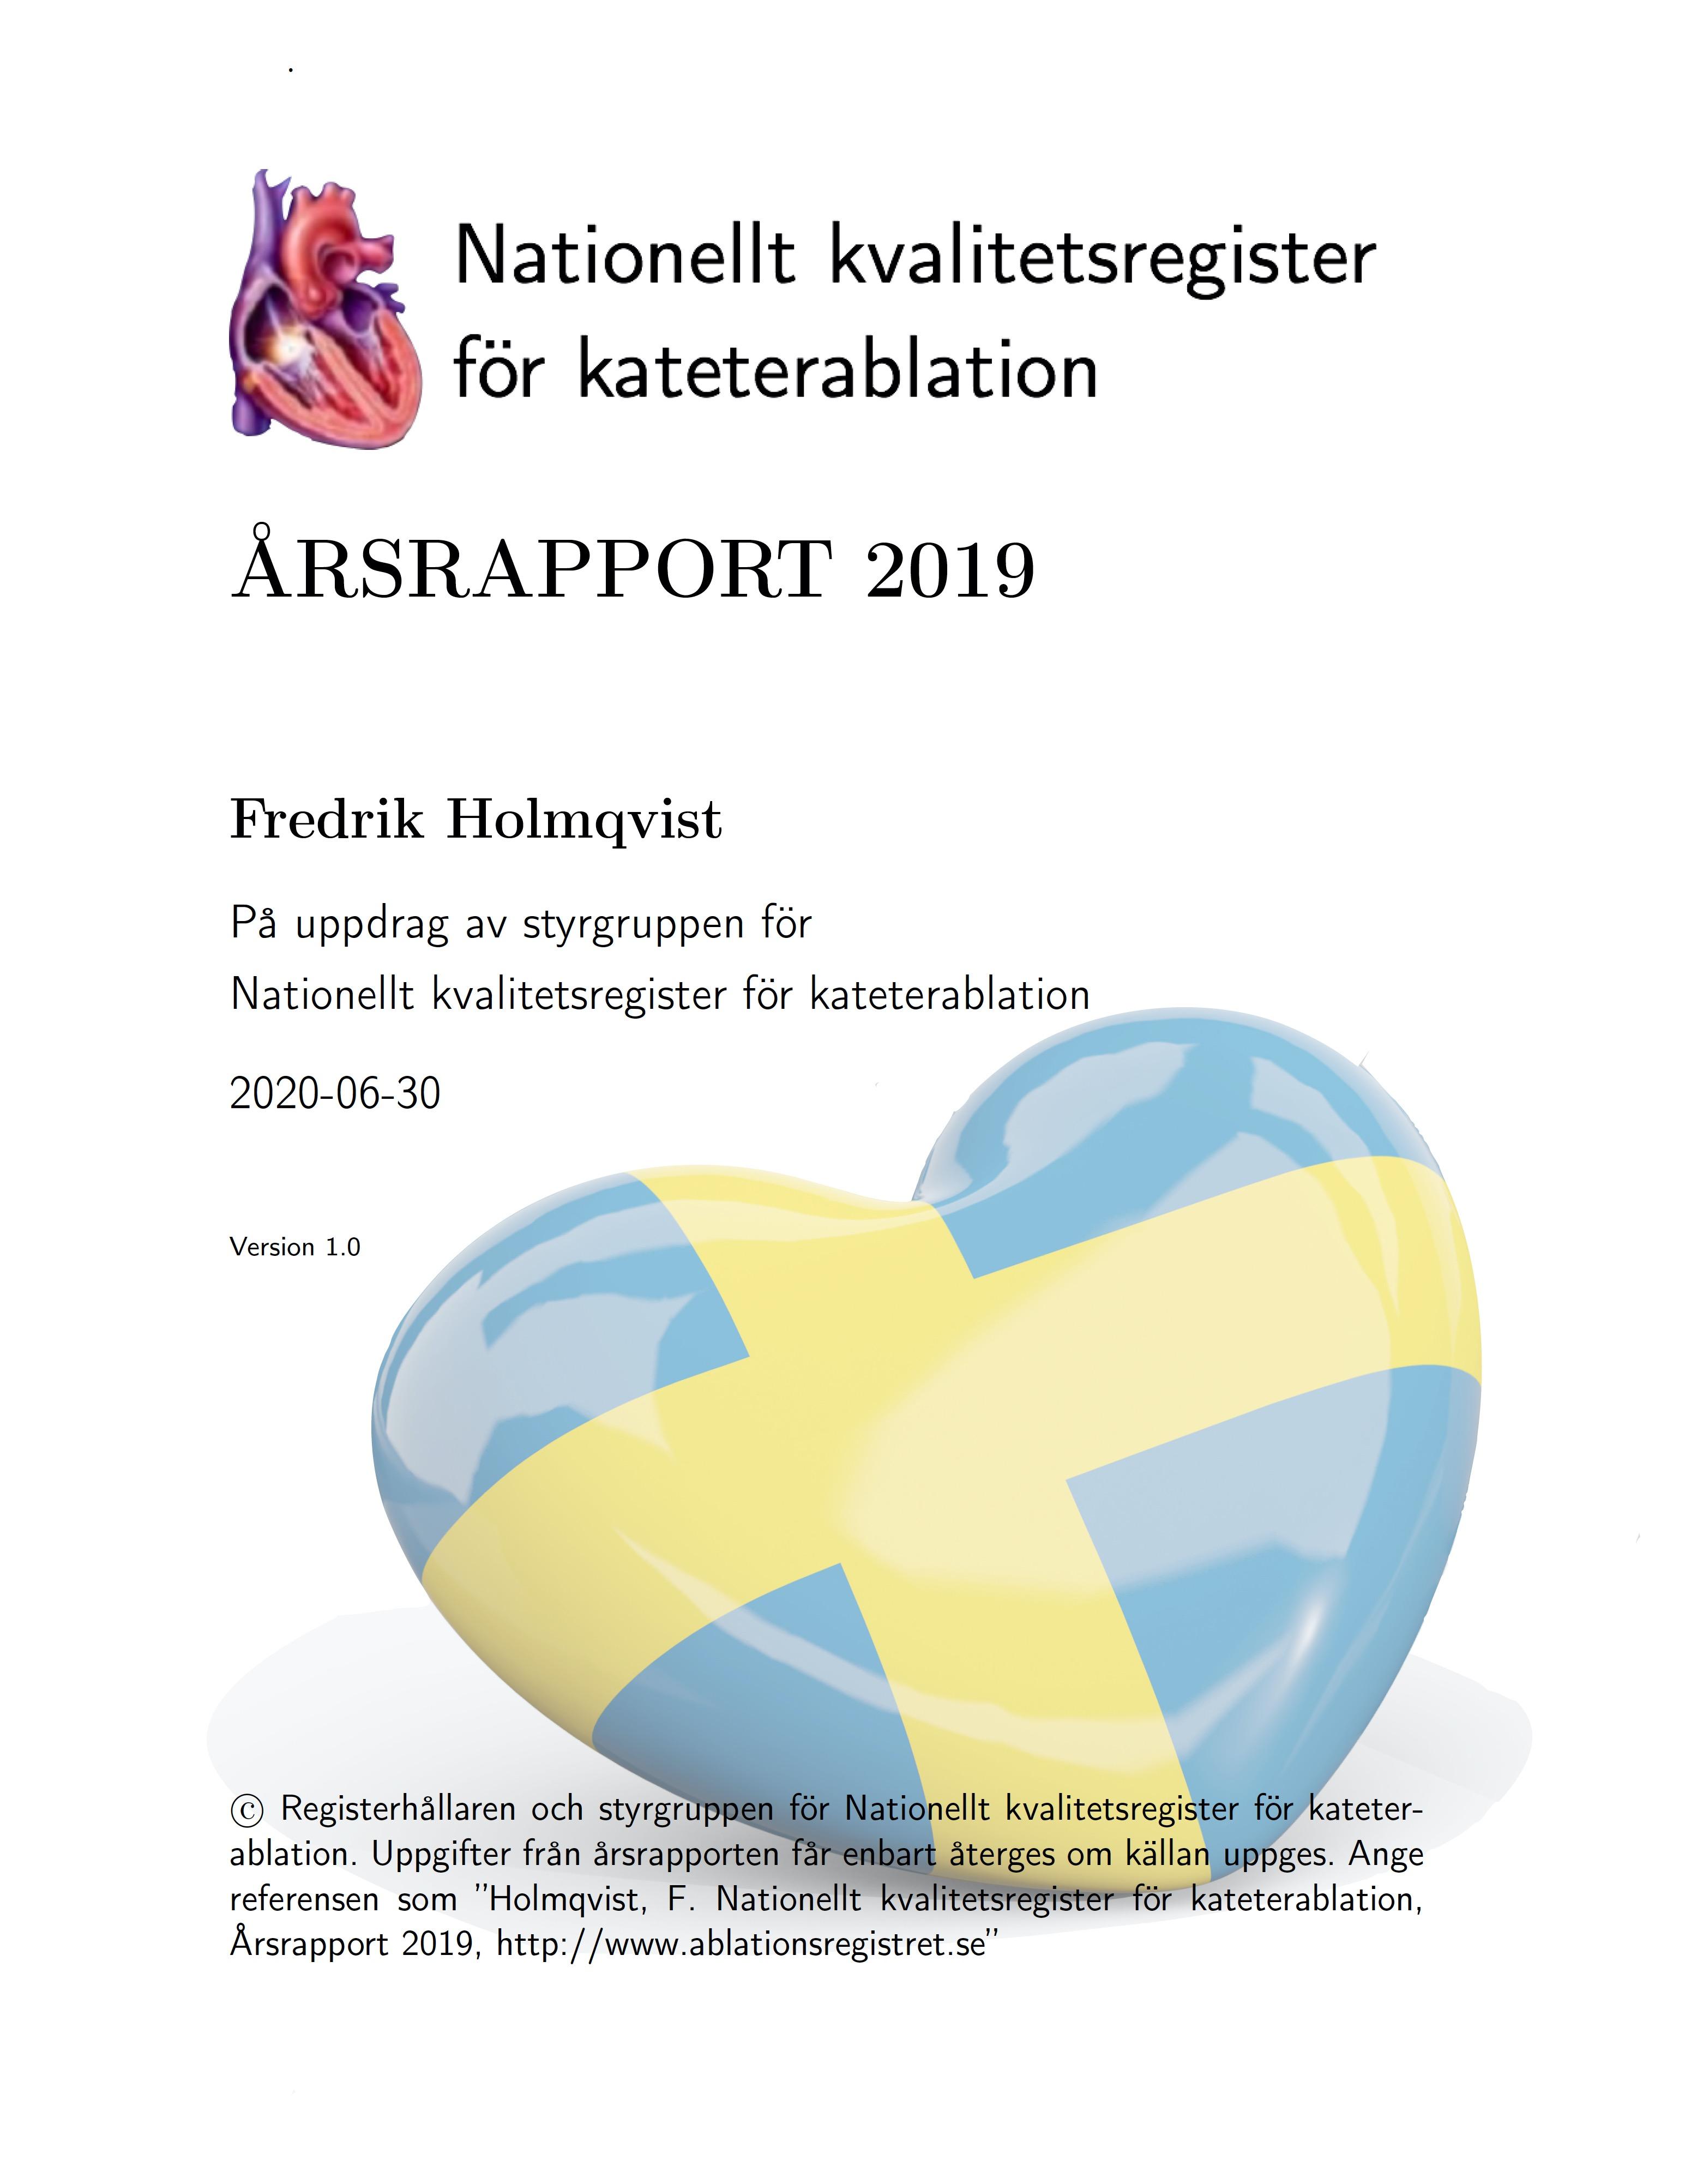 Årsrapporten 2019